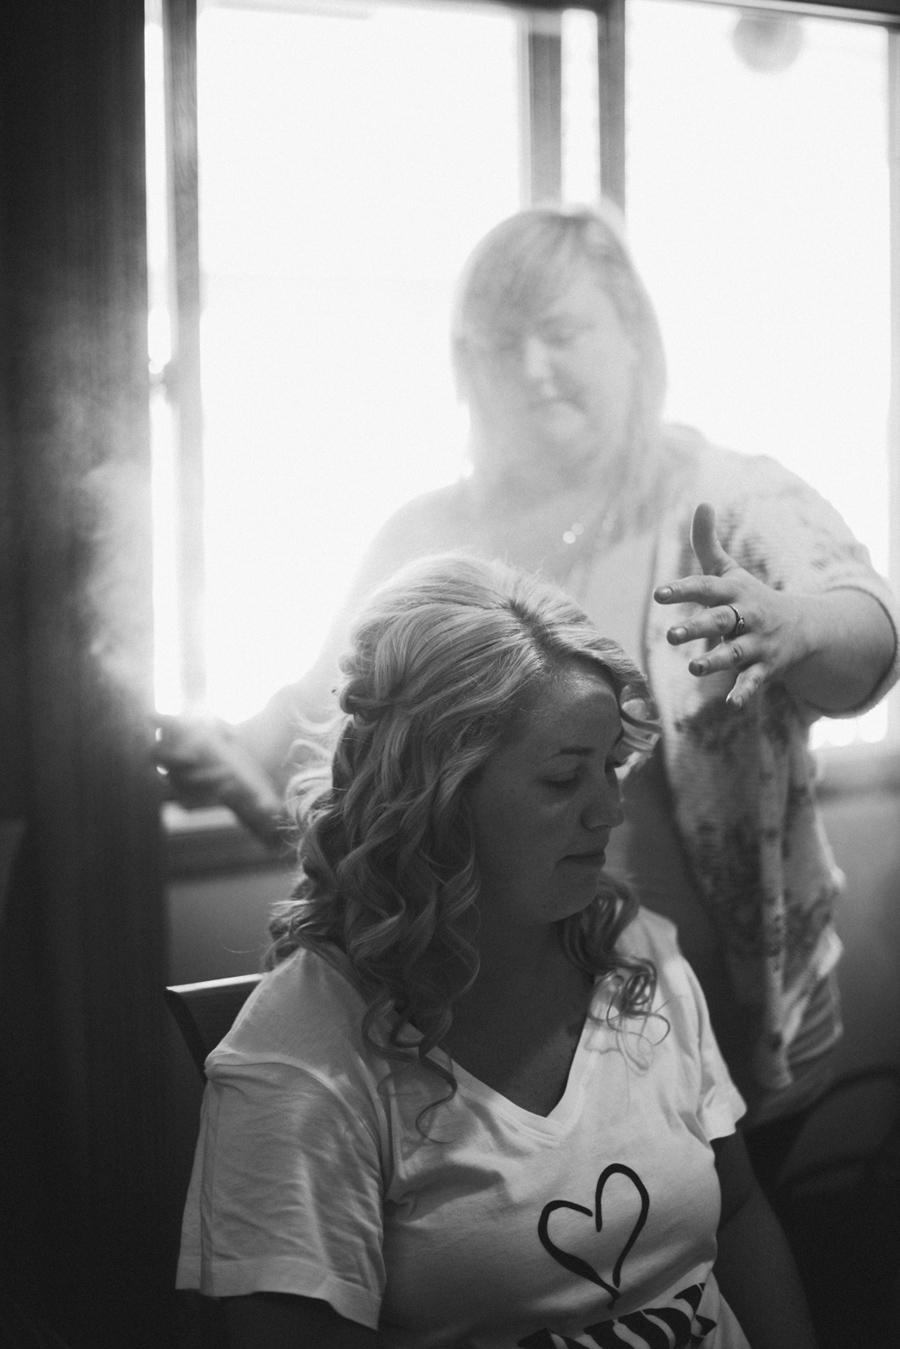 bbcollective_yeg_2016_ashleyandcraig_wedding_photography004.jpg